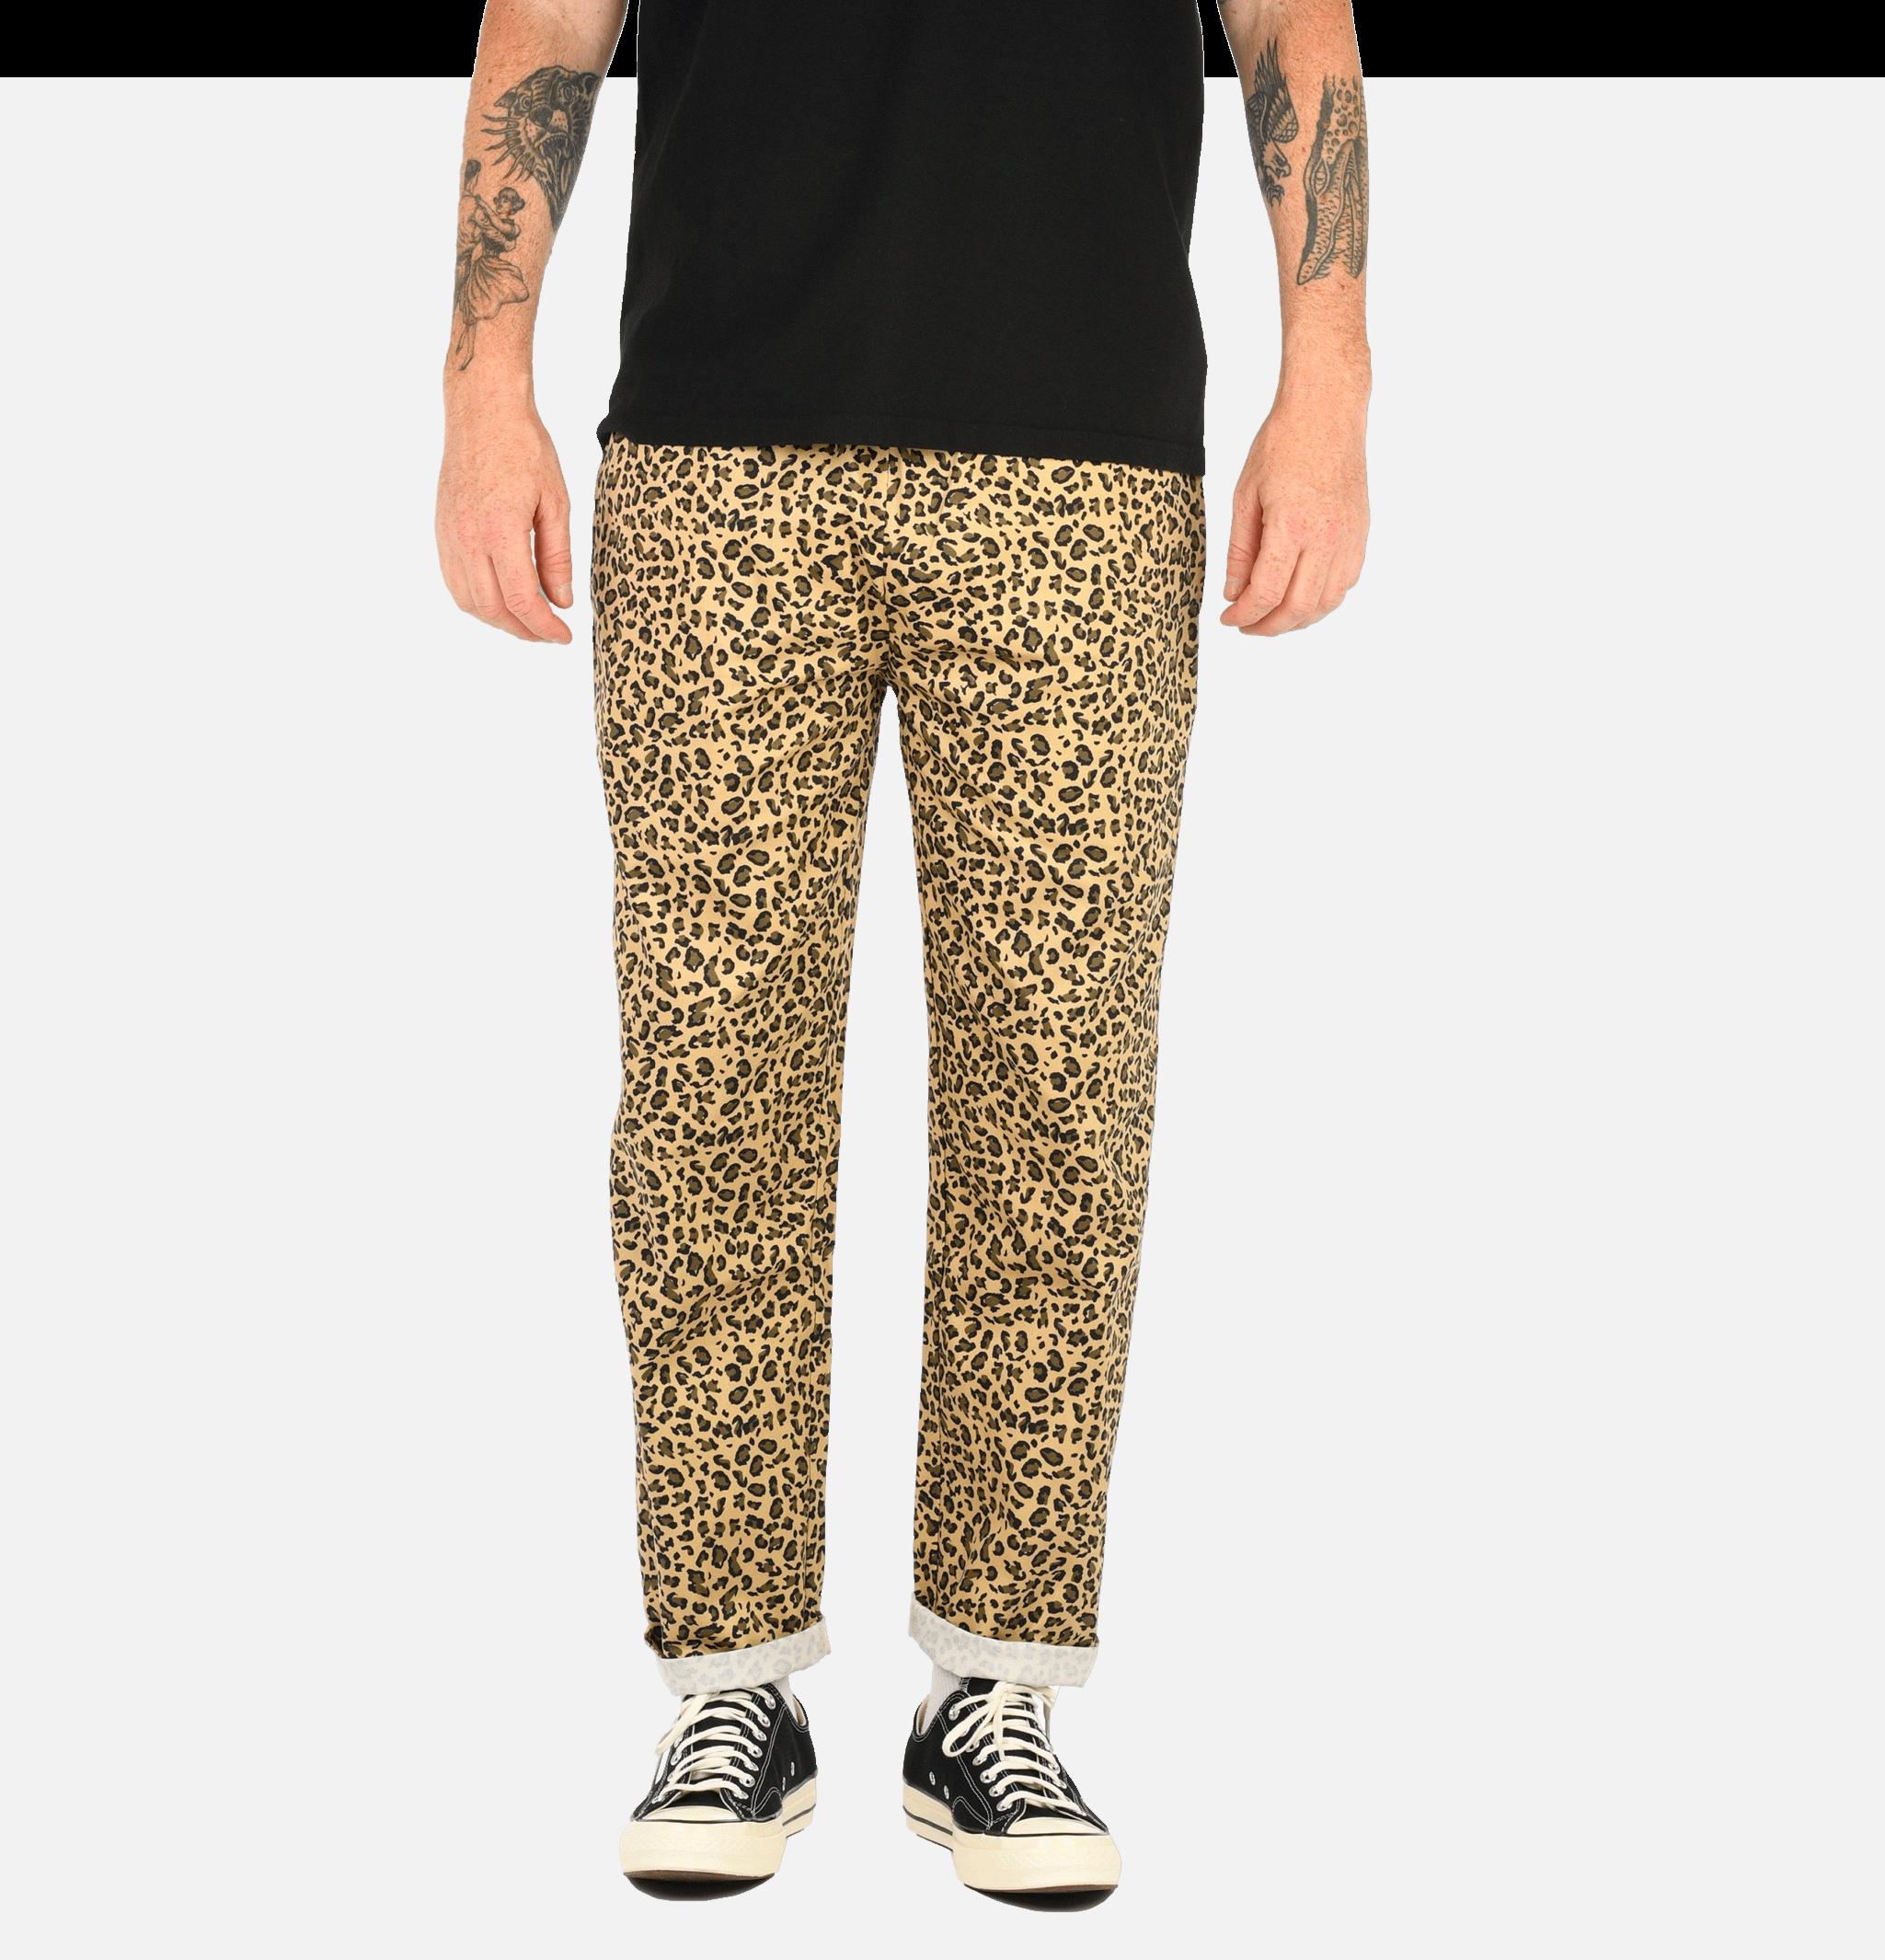 Chef Pant Leopard